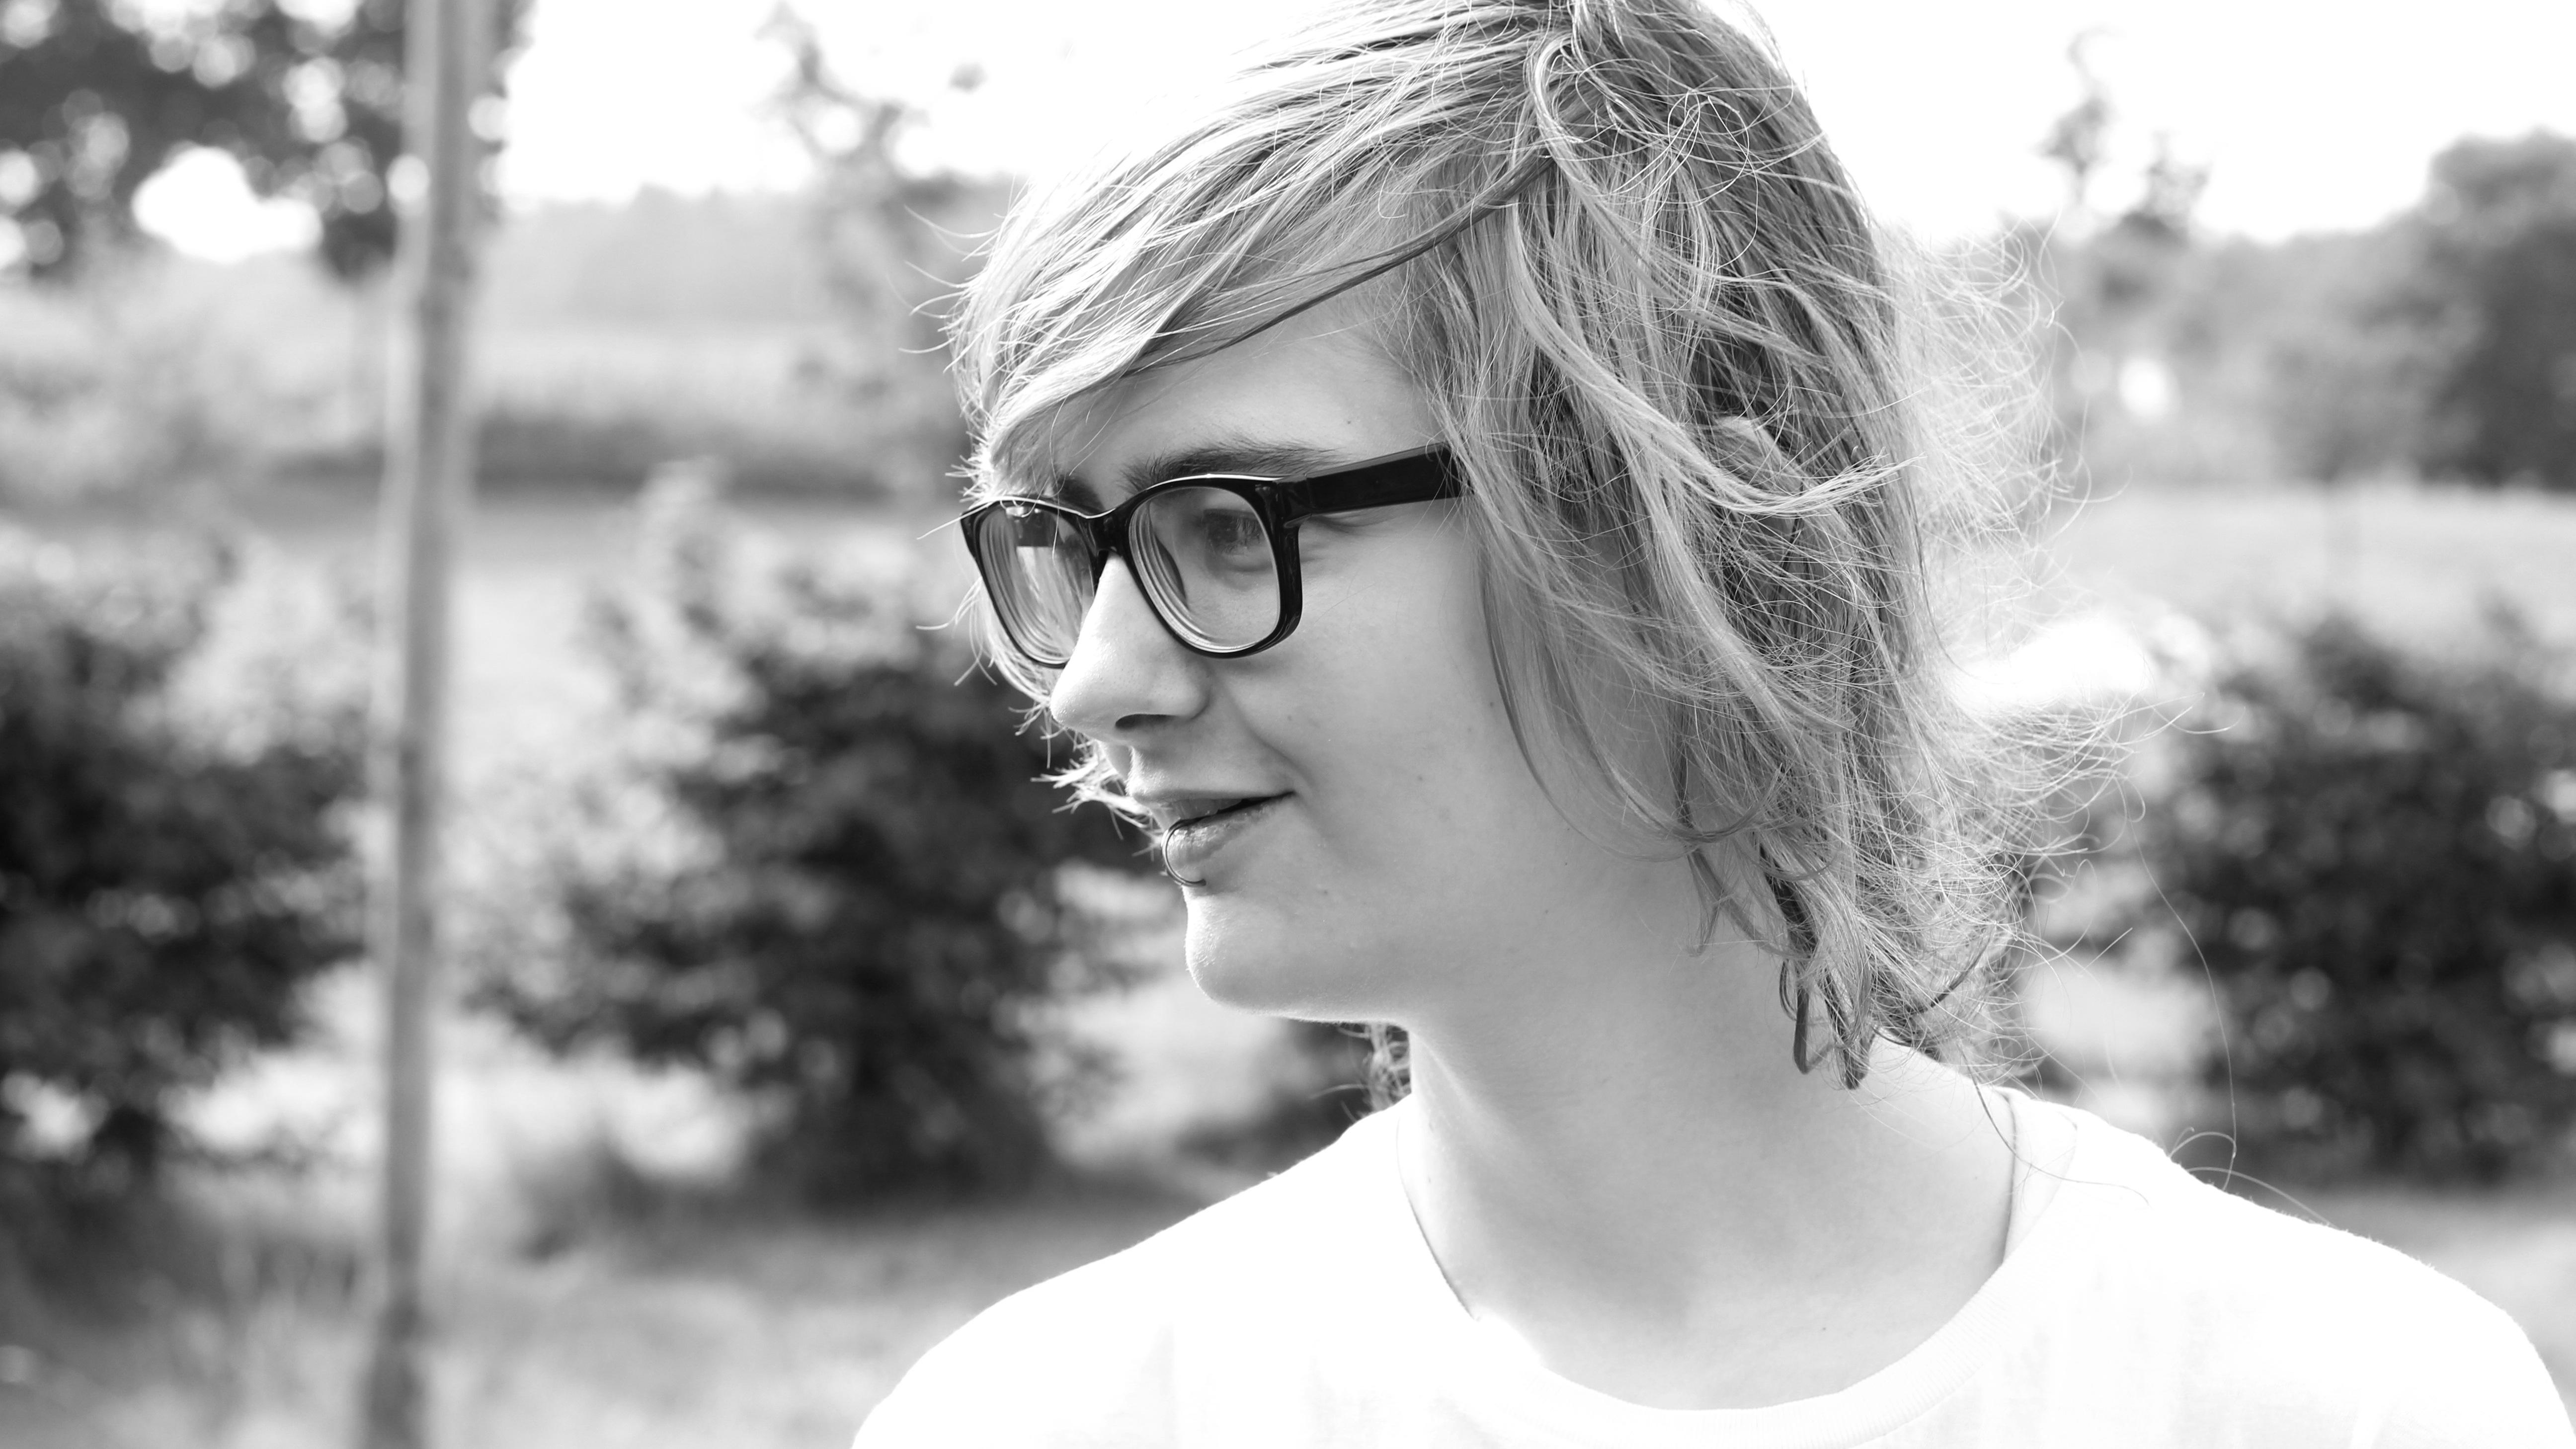 Foto von Yuri in Graustufen